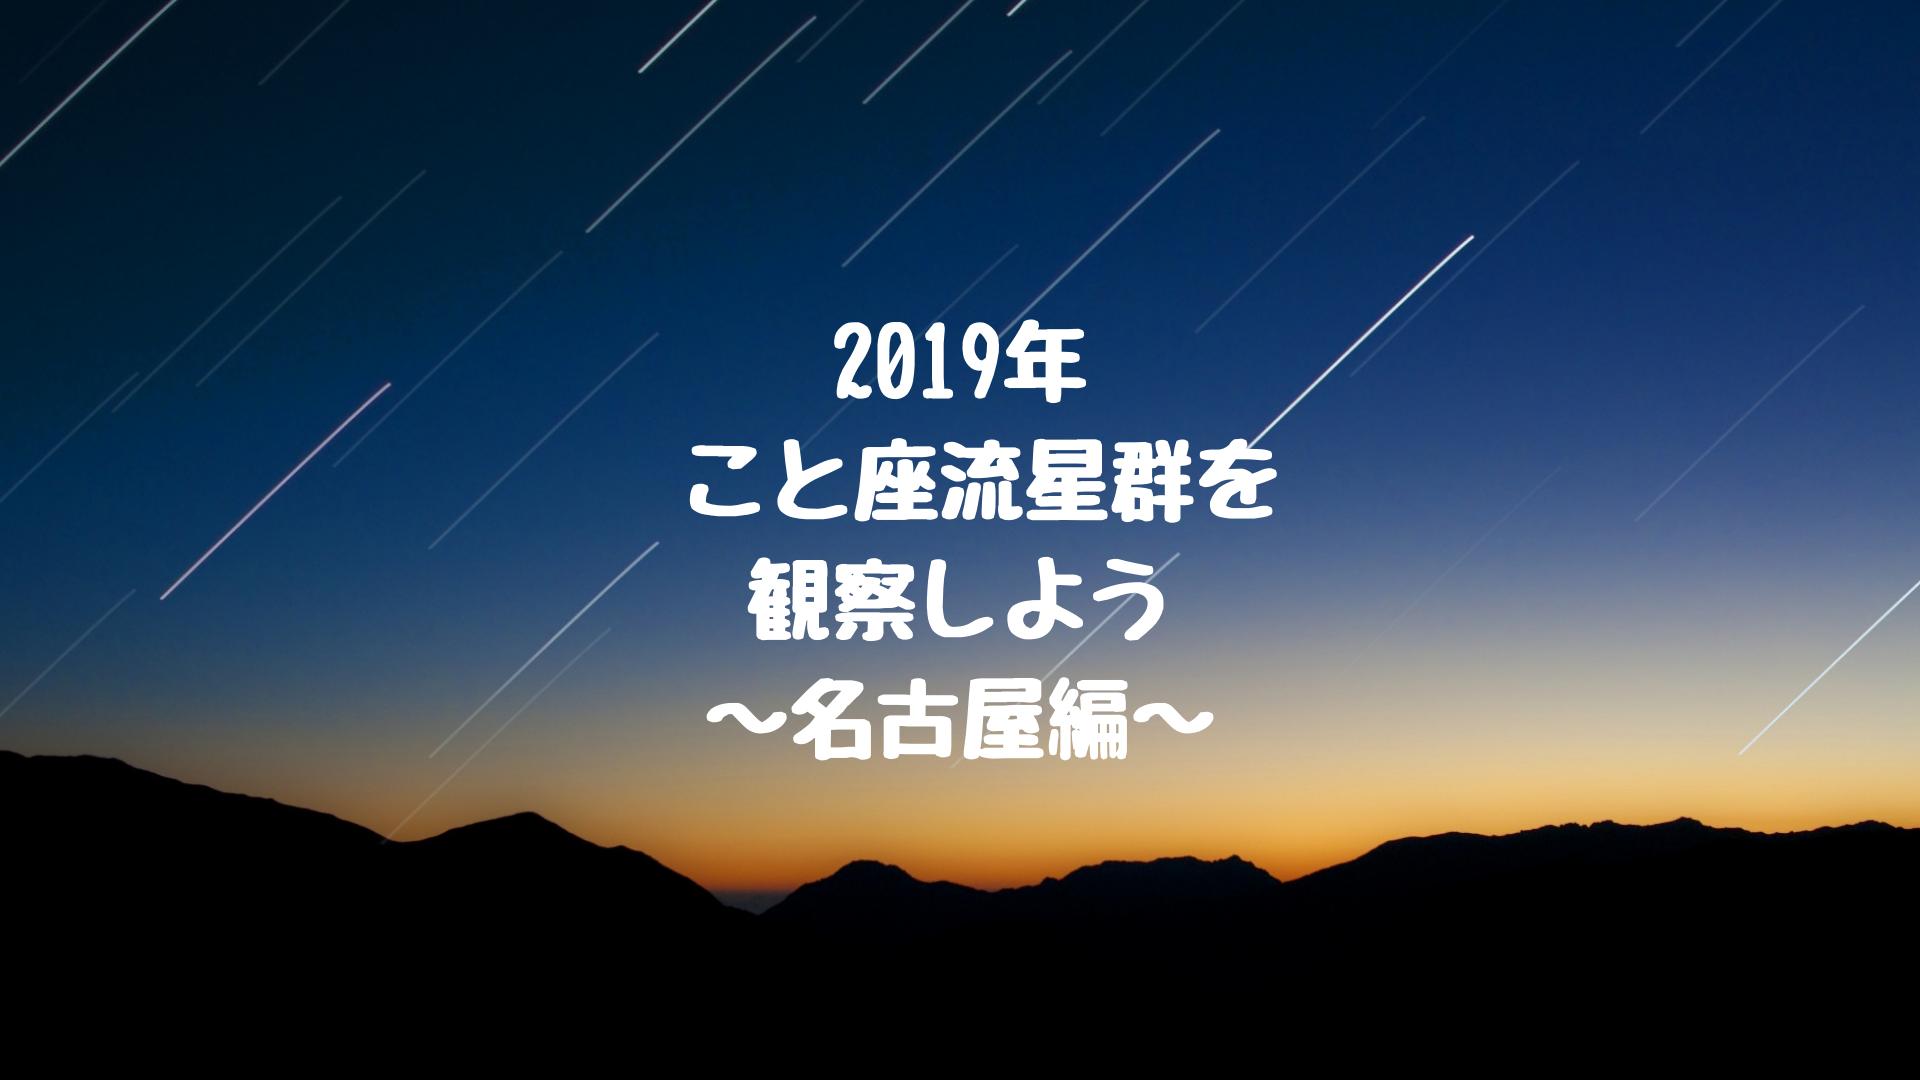 みず がめ 座 流星 群 2019 方角